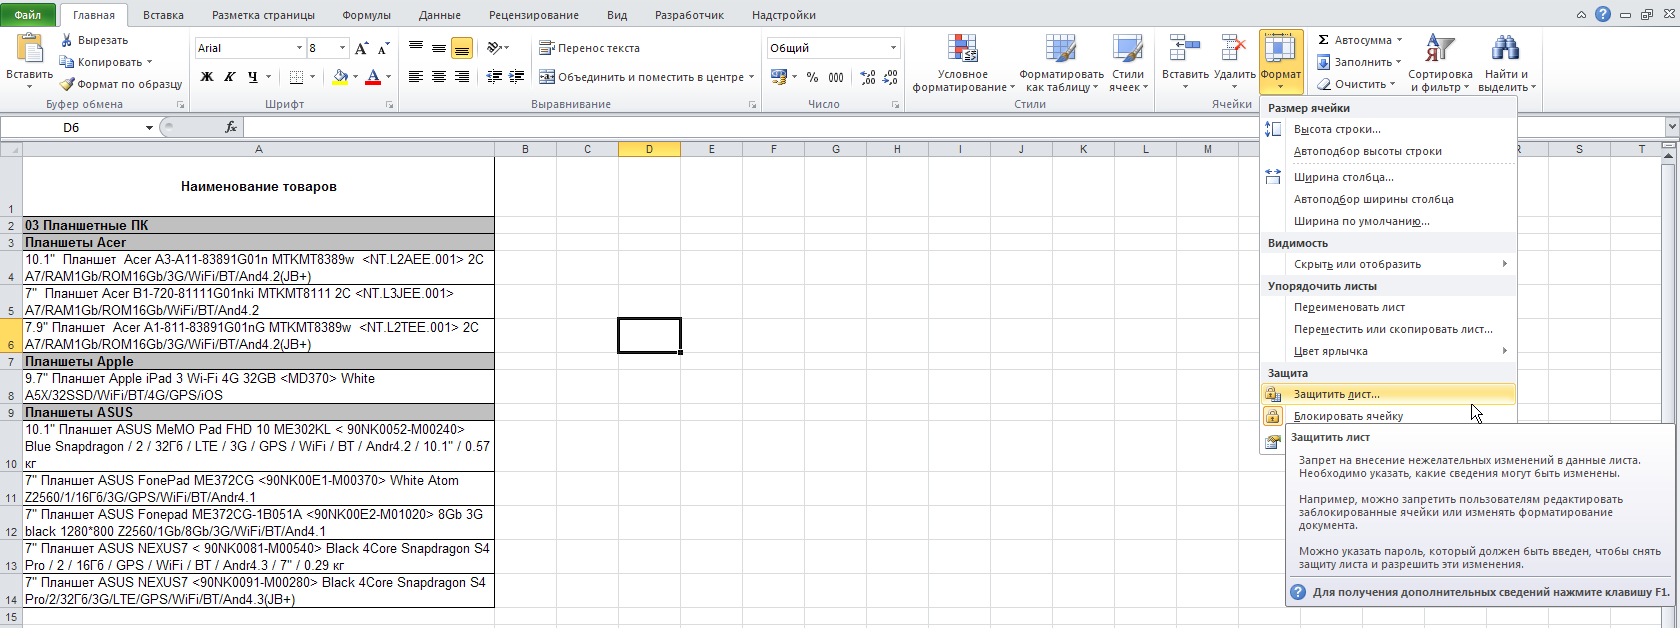 Excel: Лента - Главная - Ячейки - Формат - Защитить лист